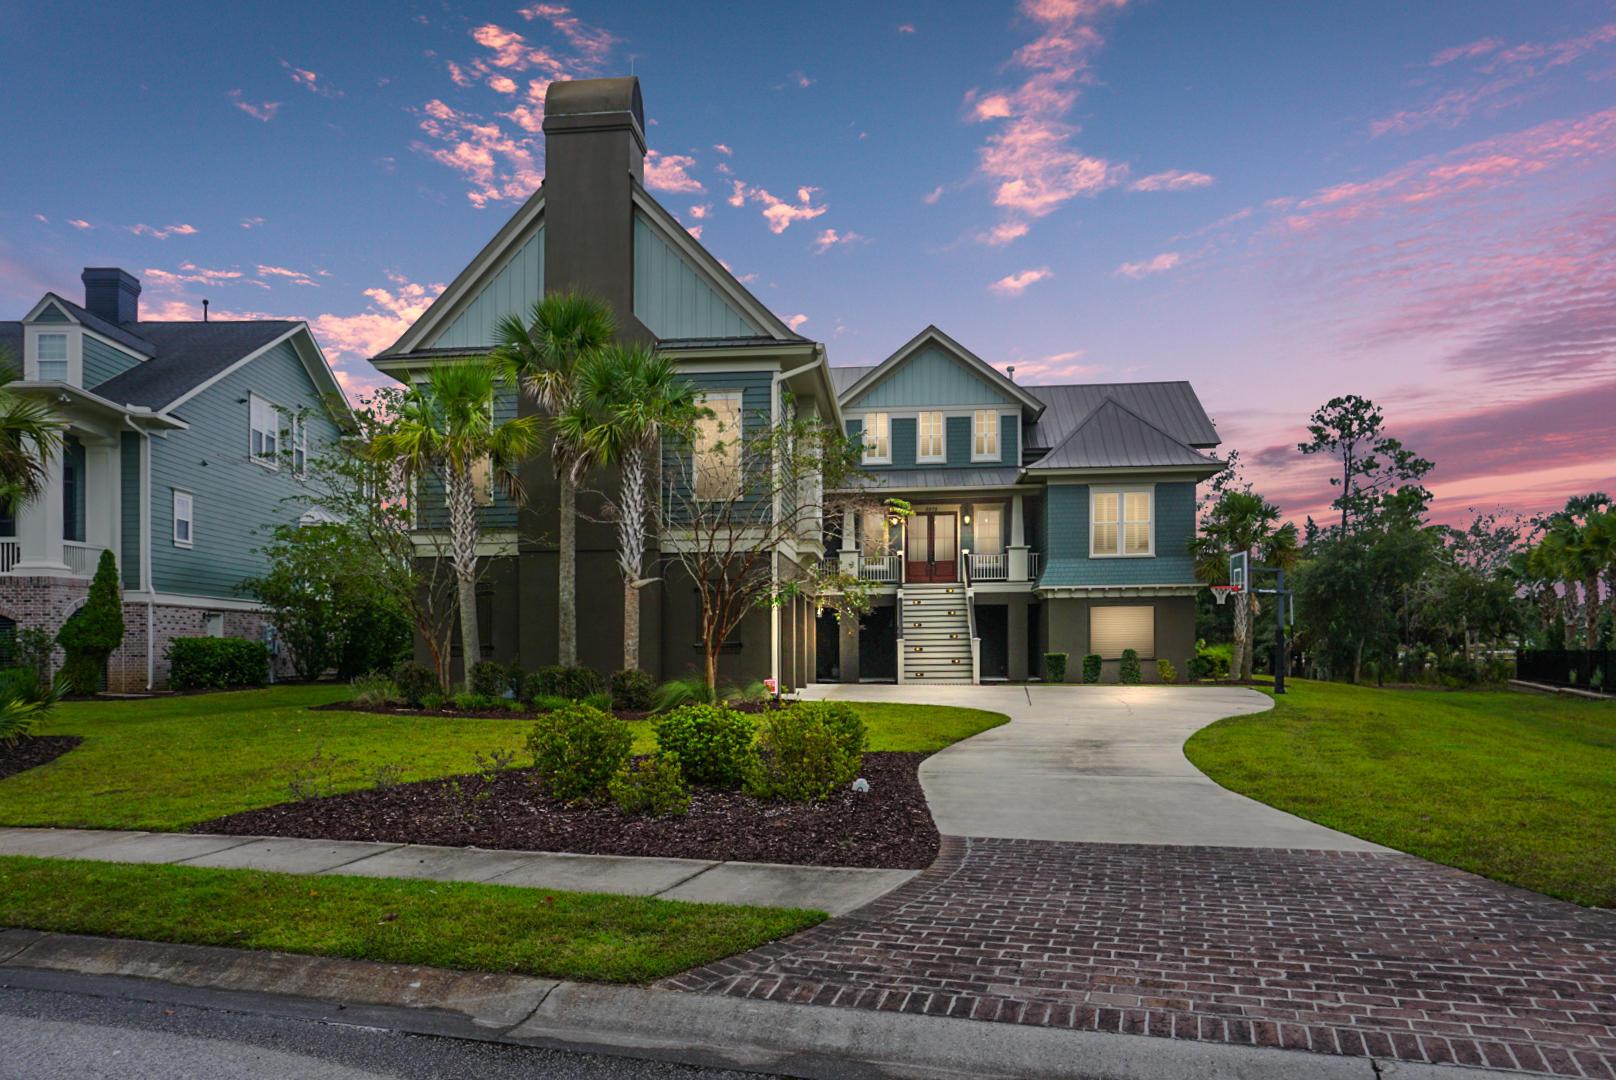 Dunes West Homes For Sale - 2978 River Vista, Mount Pleasant, SC - 51